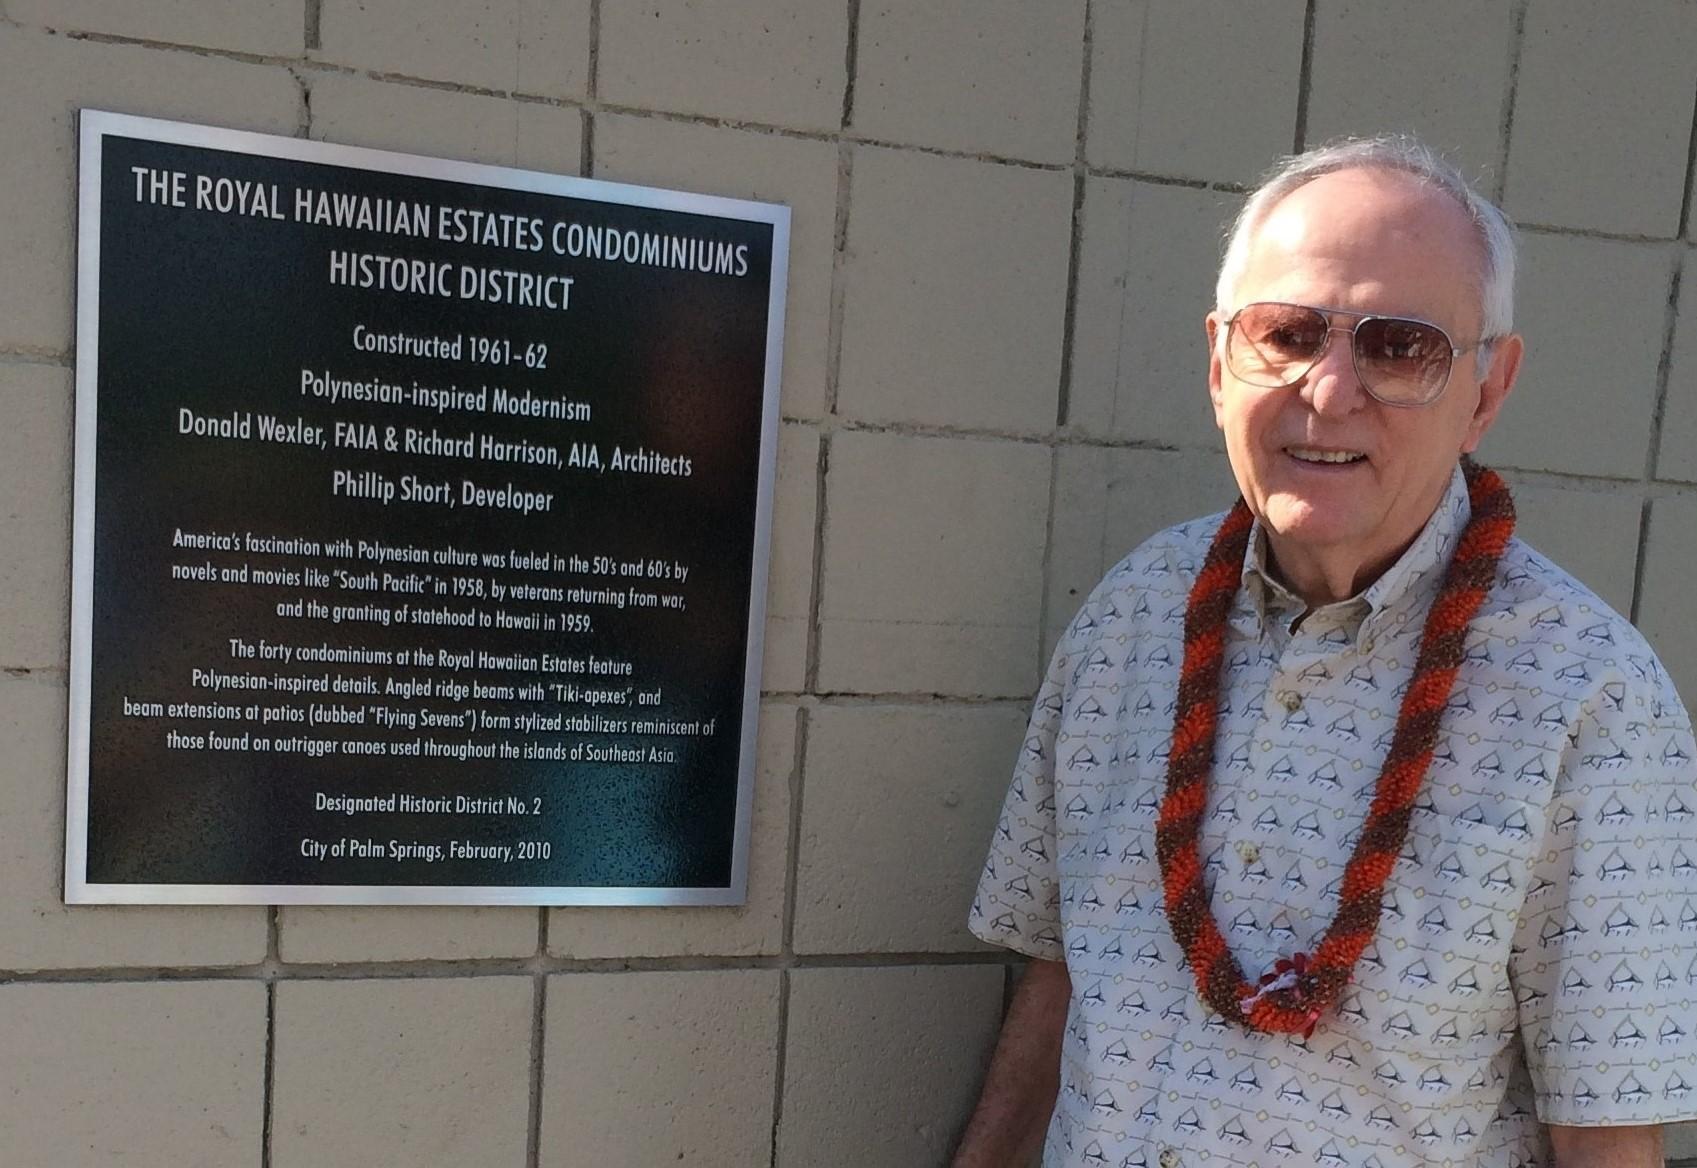 Royal Hawaiian Estates Wexler